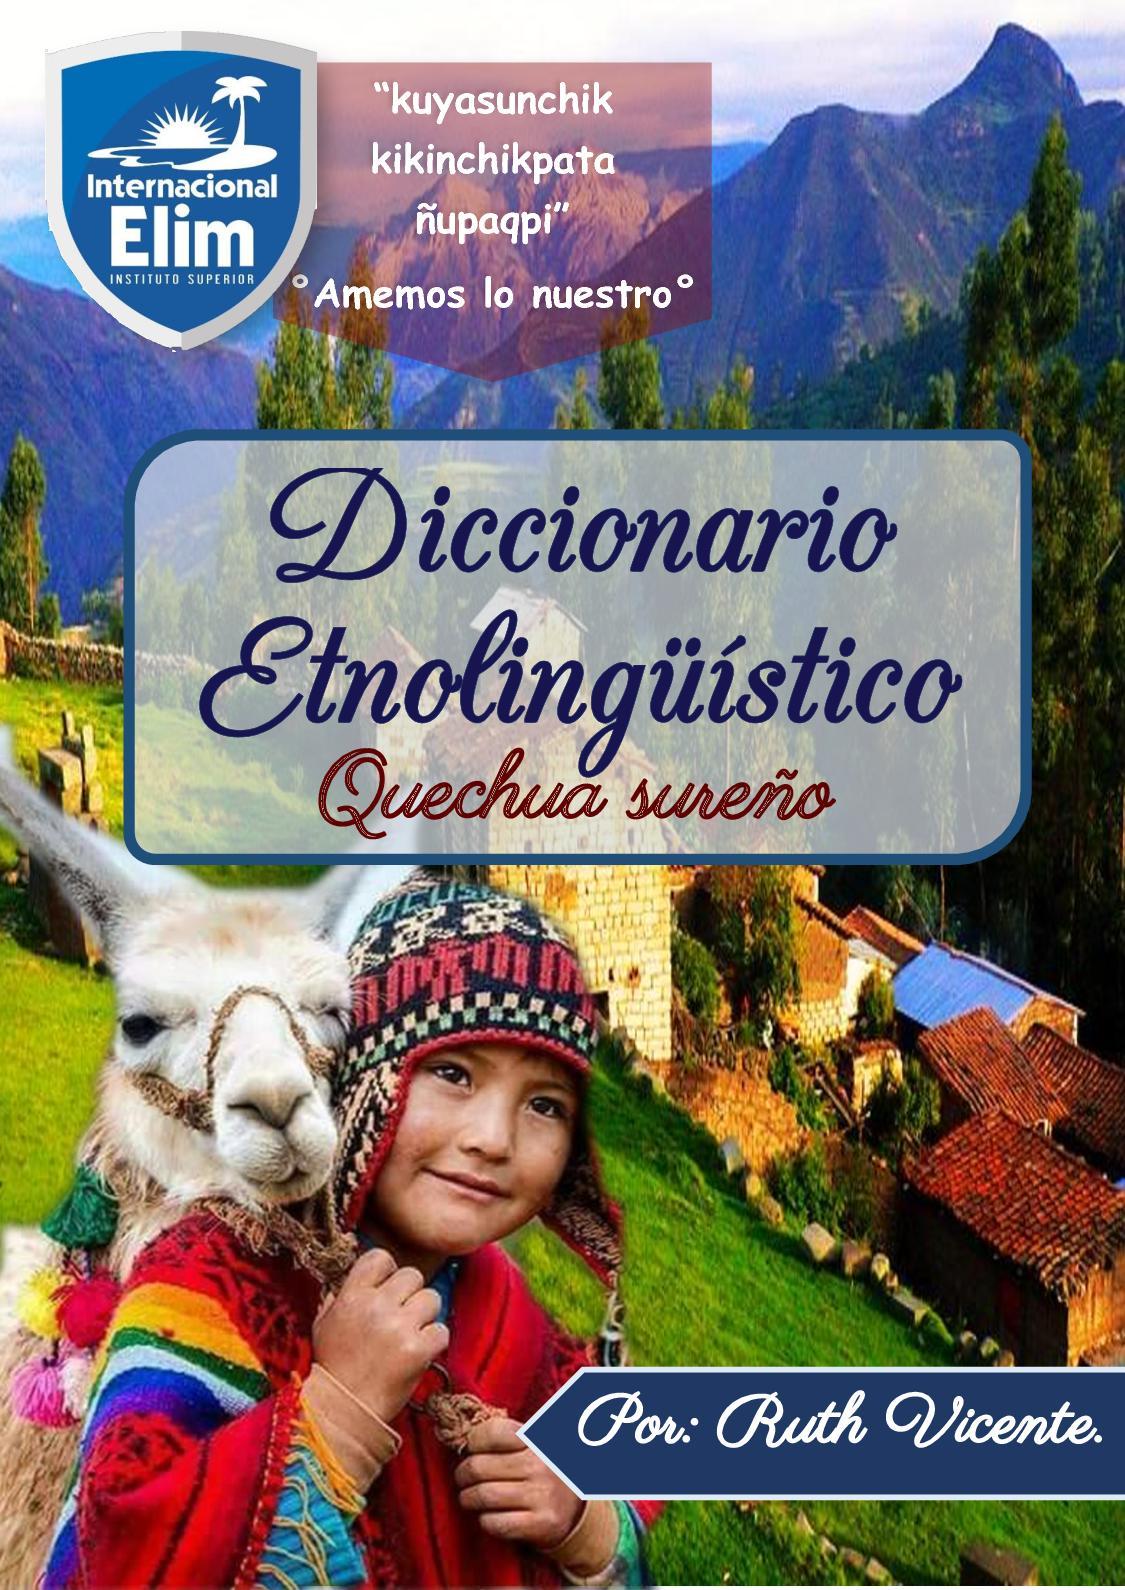 Calaméo Sureño Quechua Español Diccionario tsCxQrdh